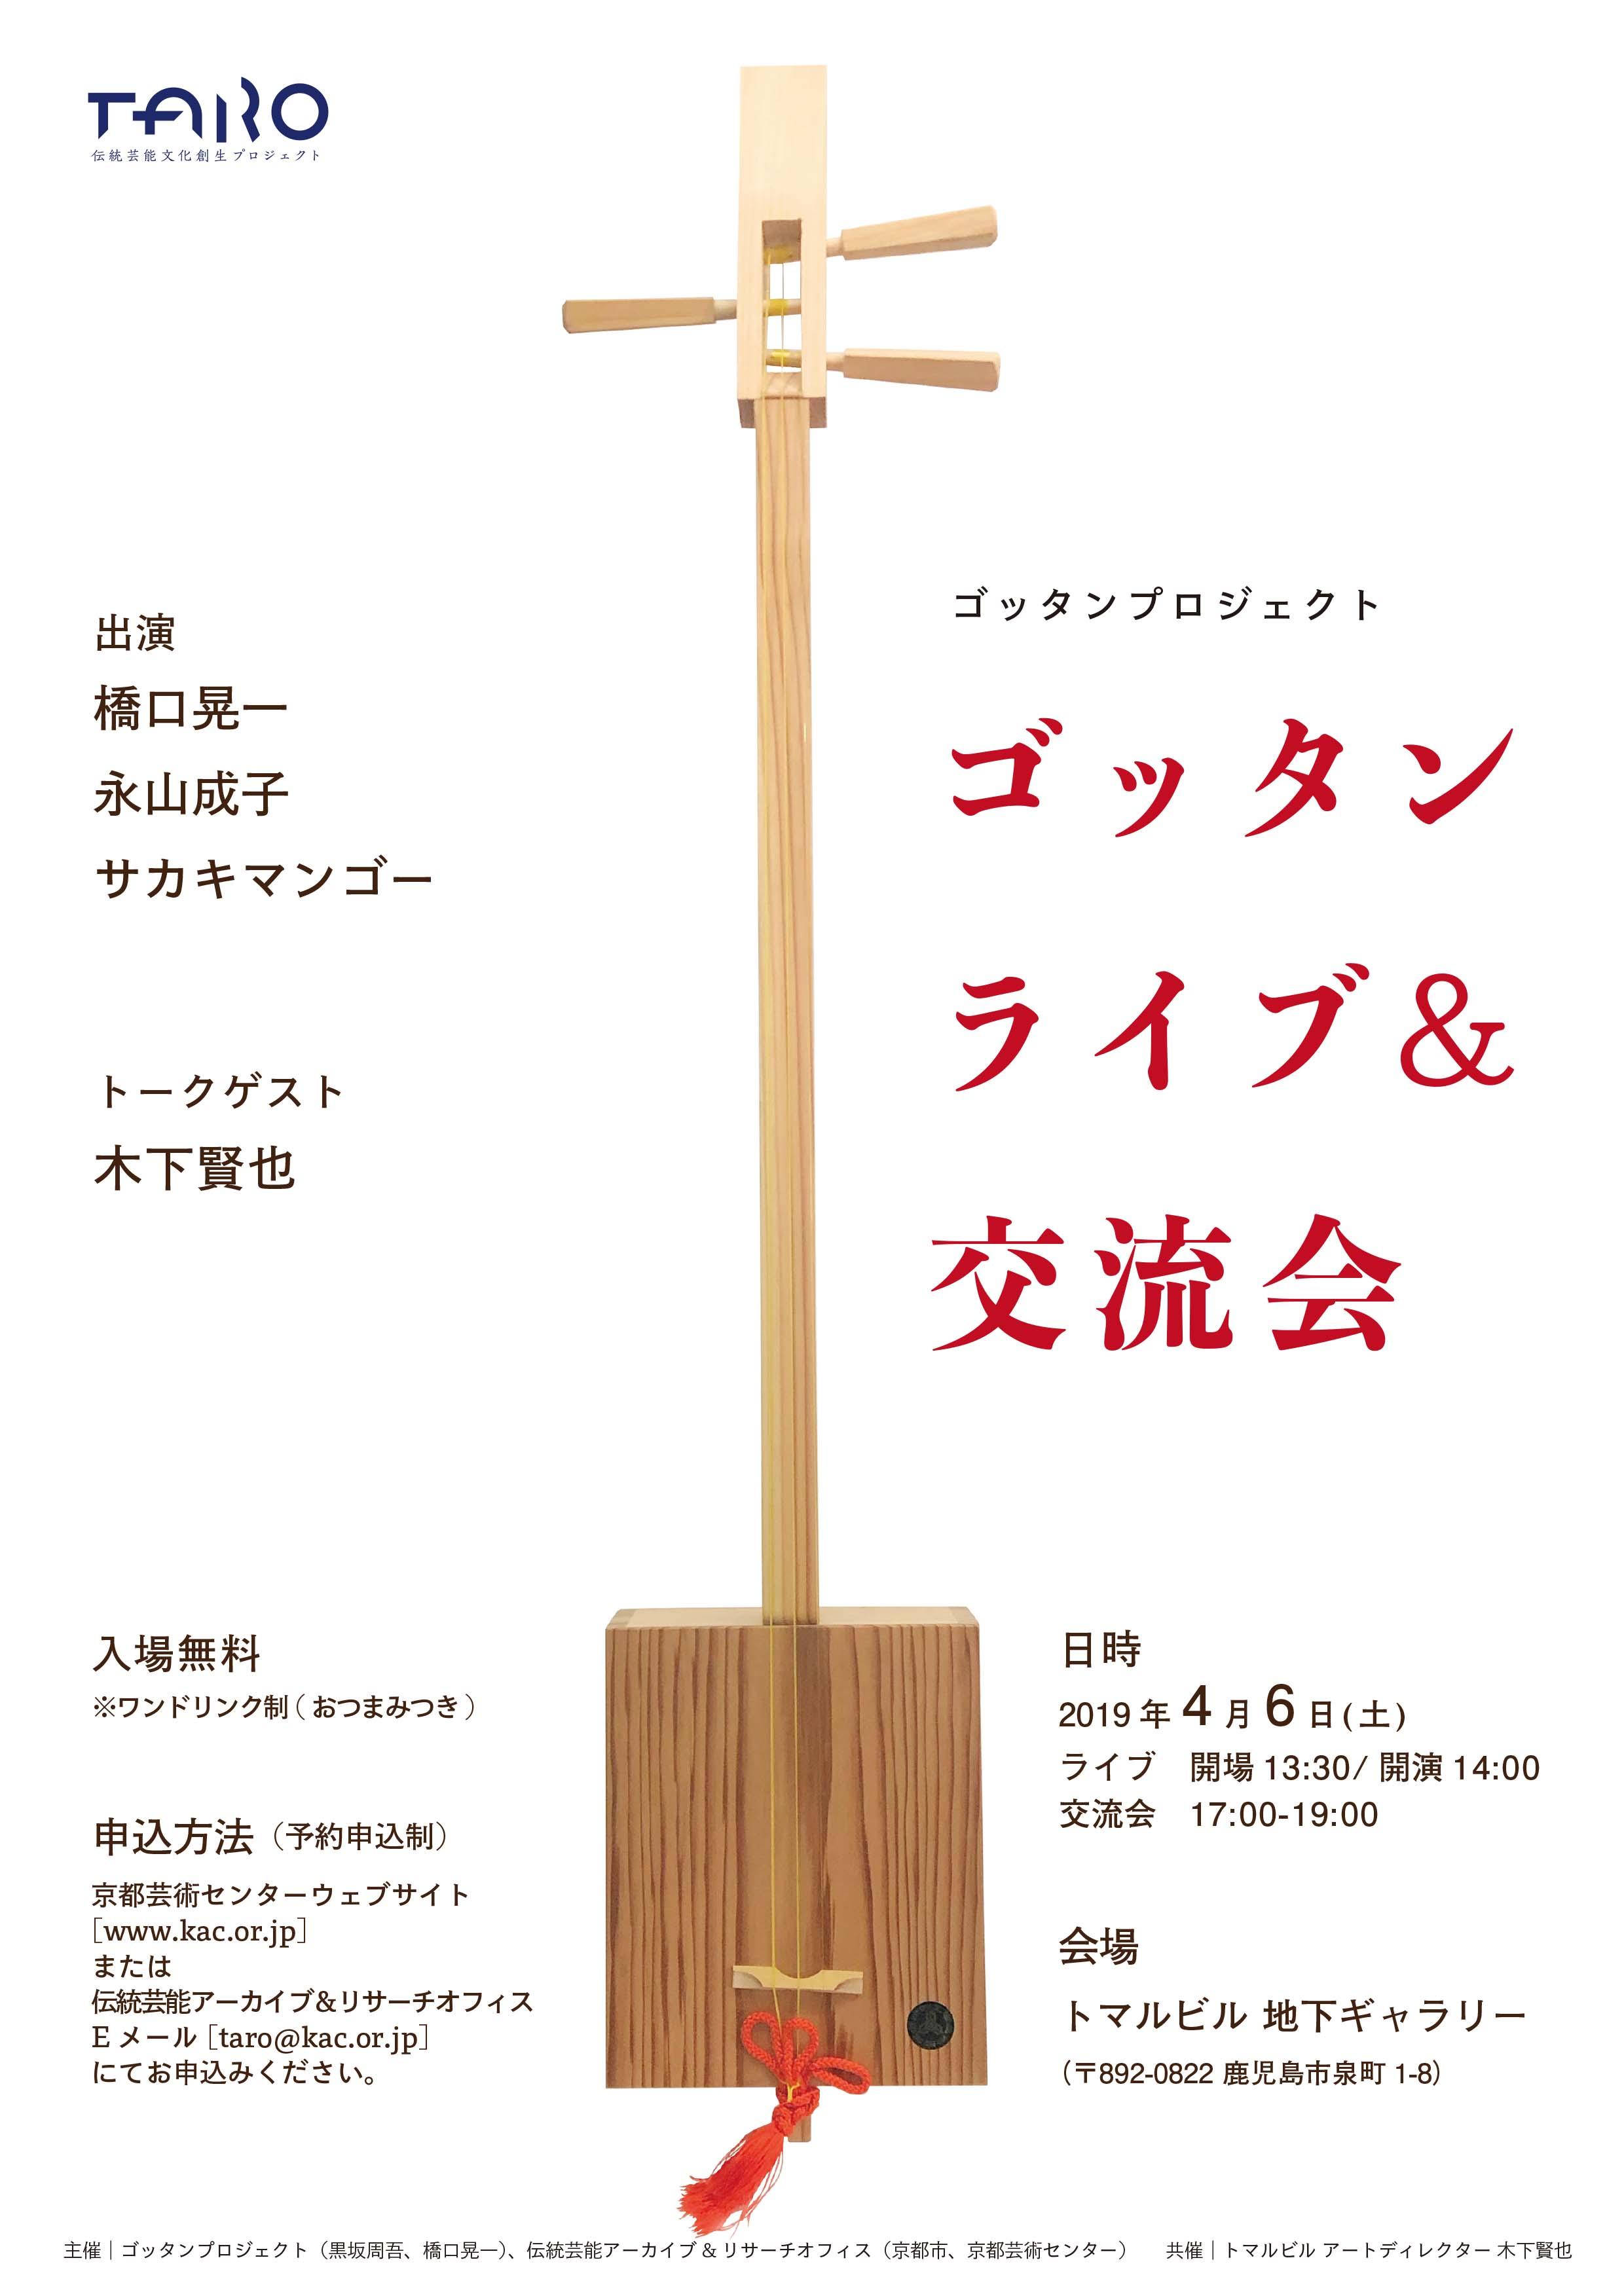 ゴッタンプロジェクト ゴッタンライブ&交流会